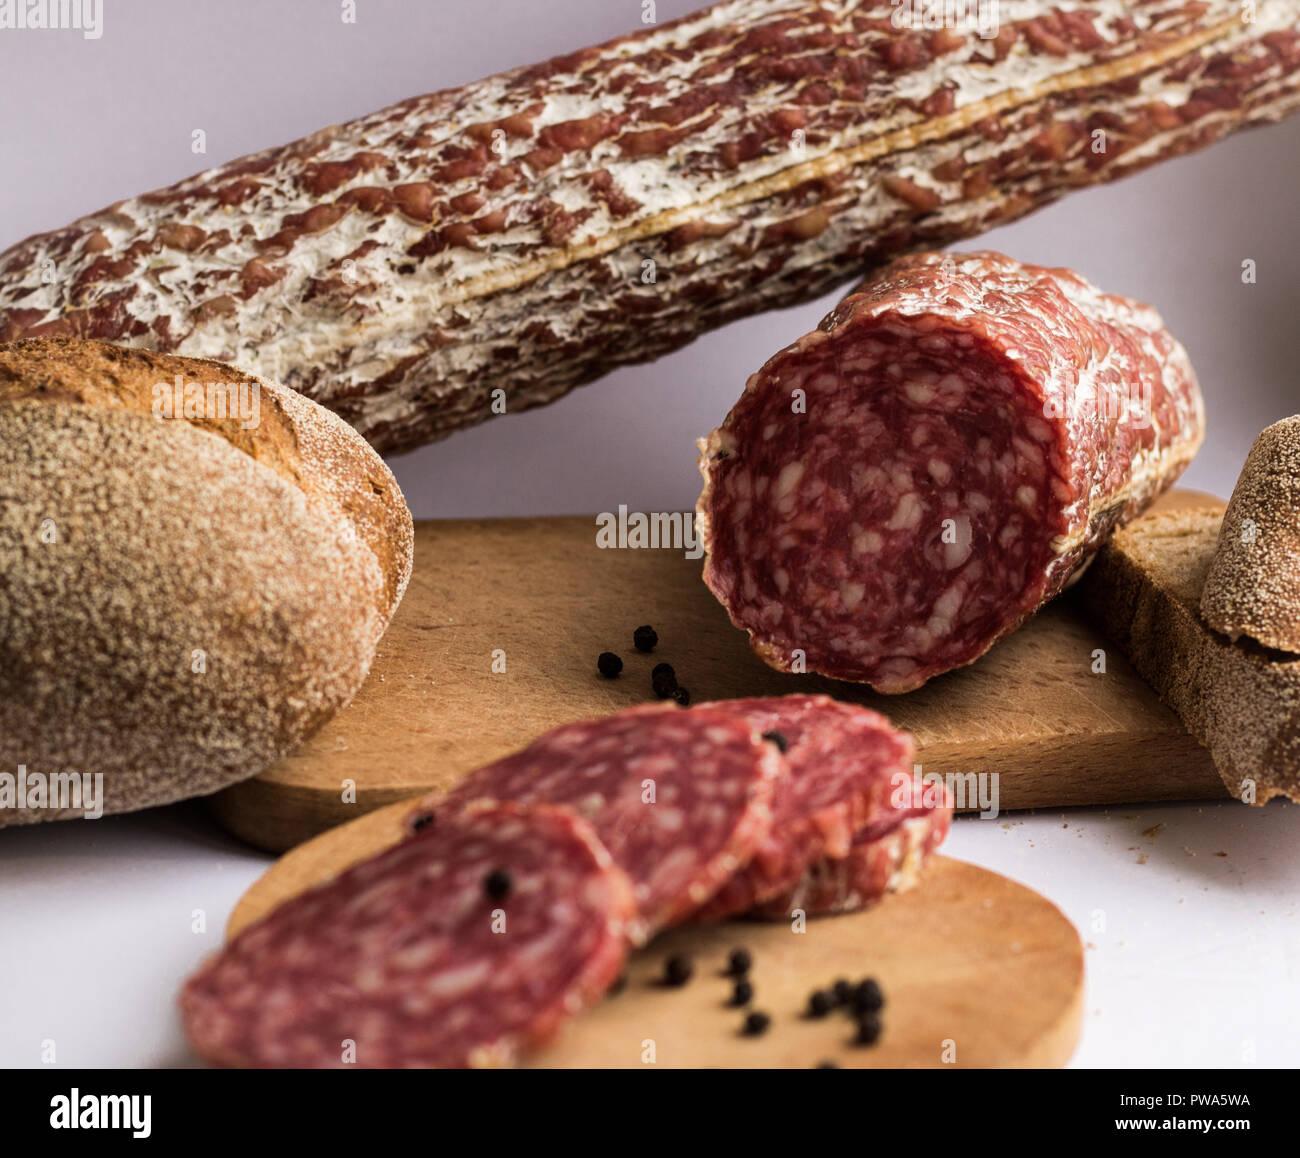 Des saucisses avec du pain et le poivre morceaux sur fond blanc Photo Stock